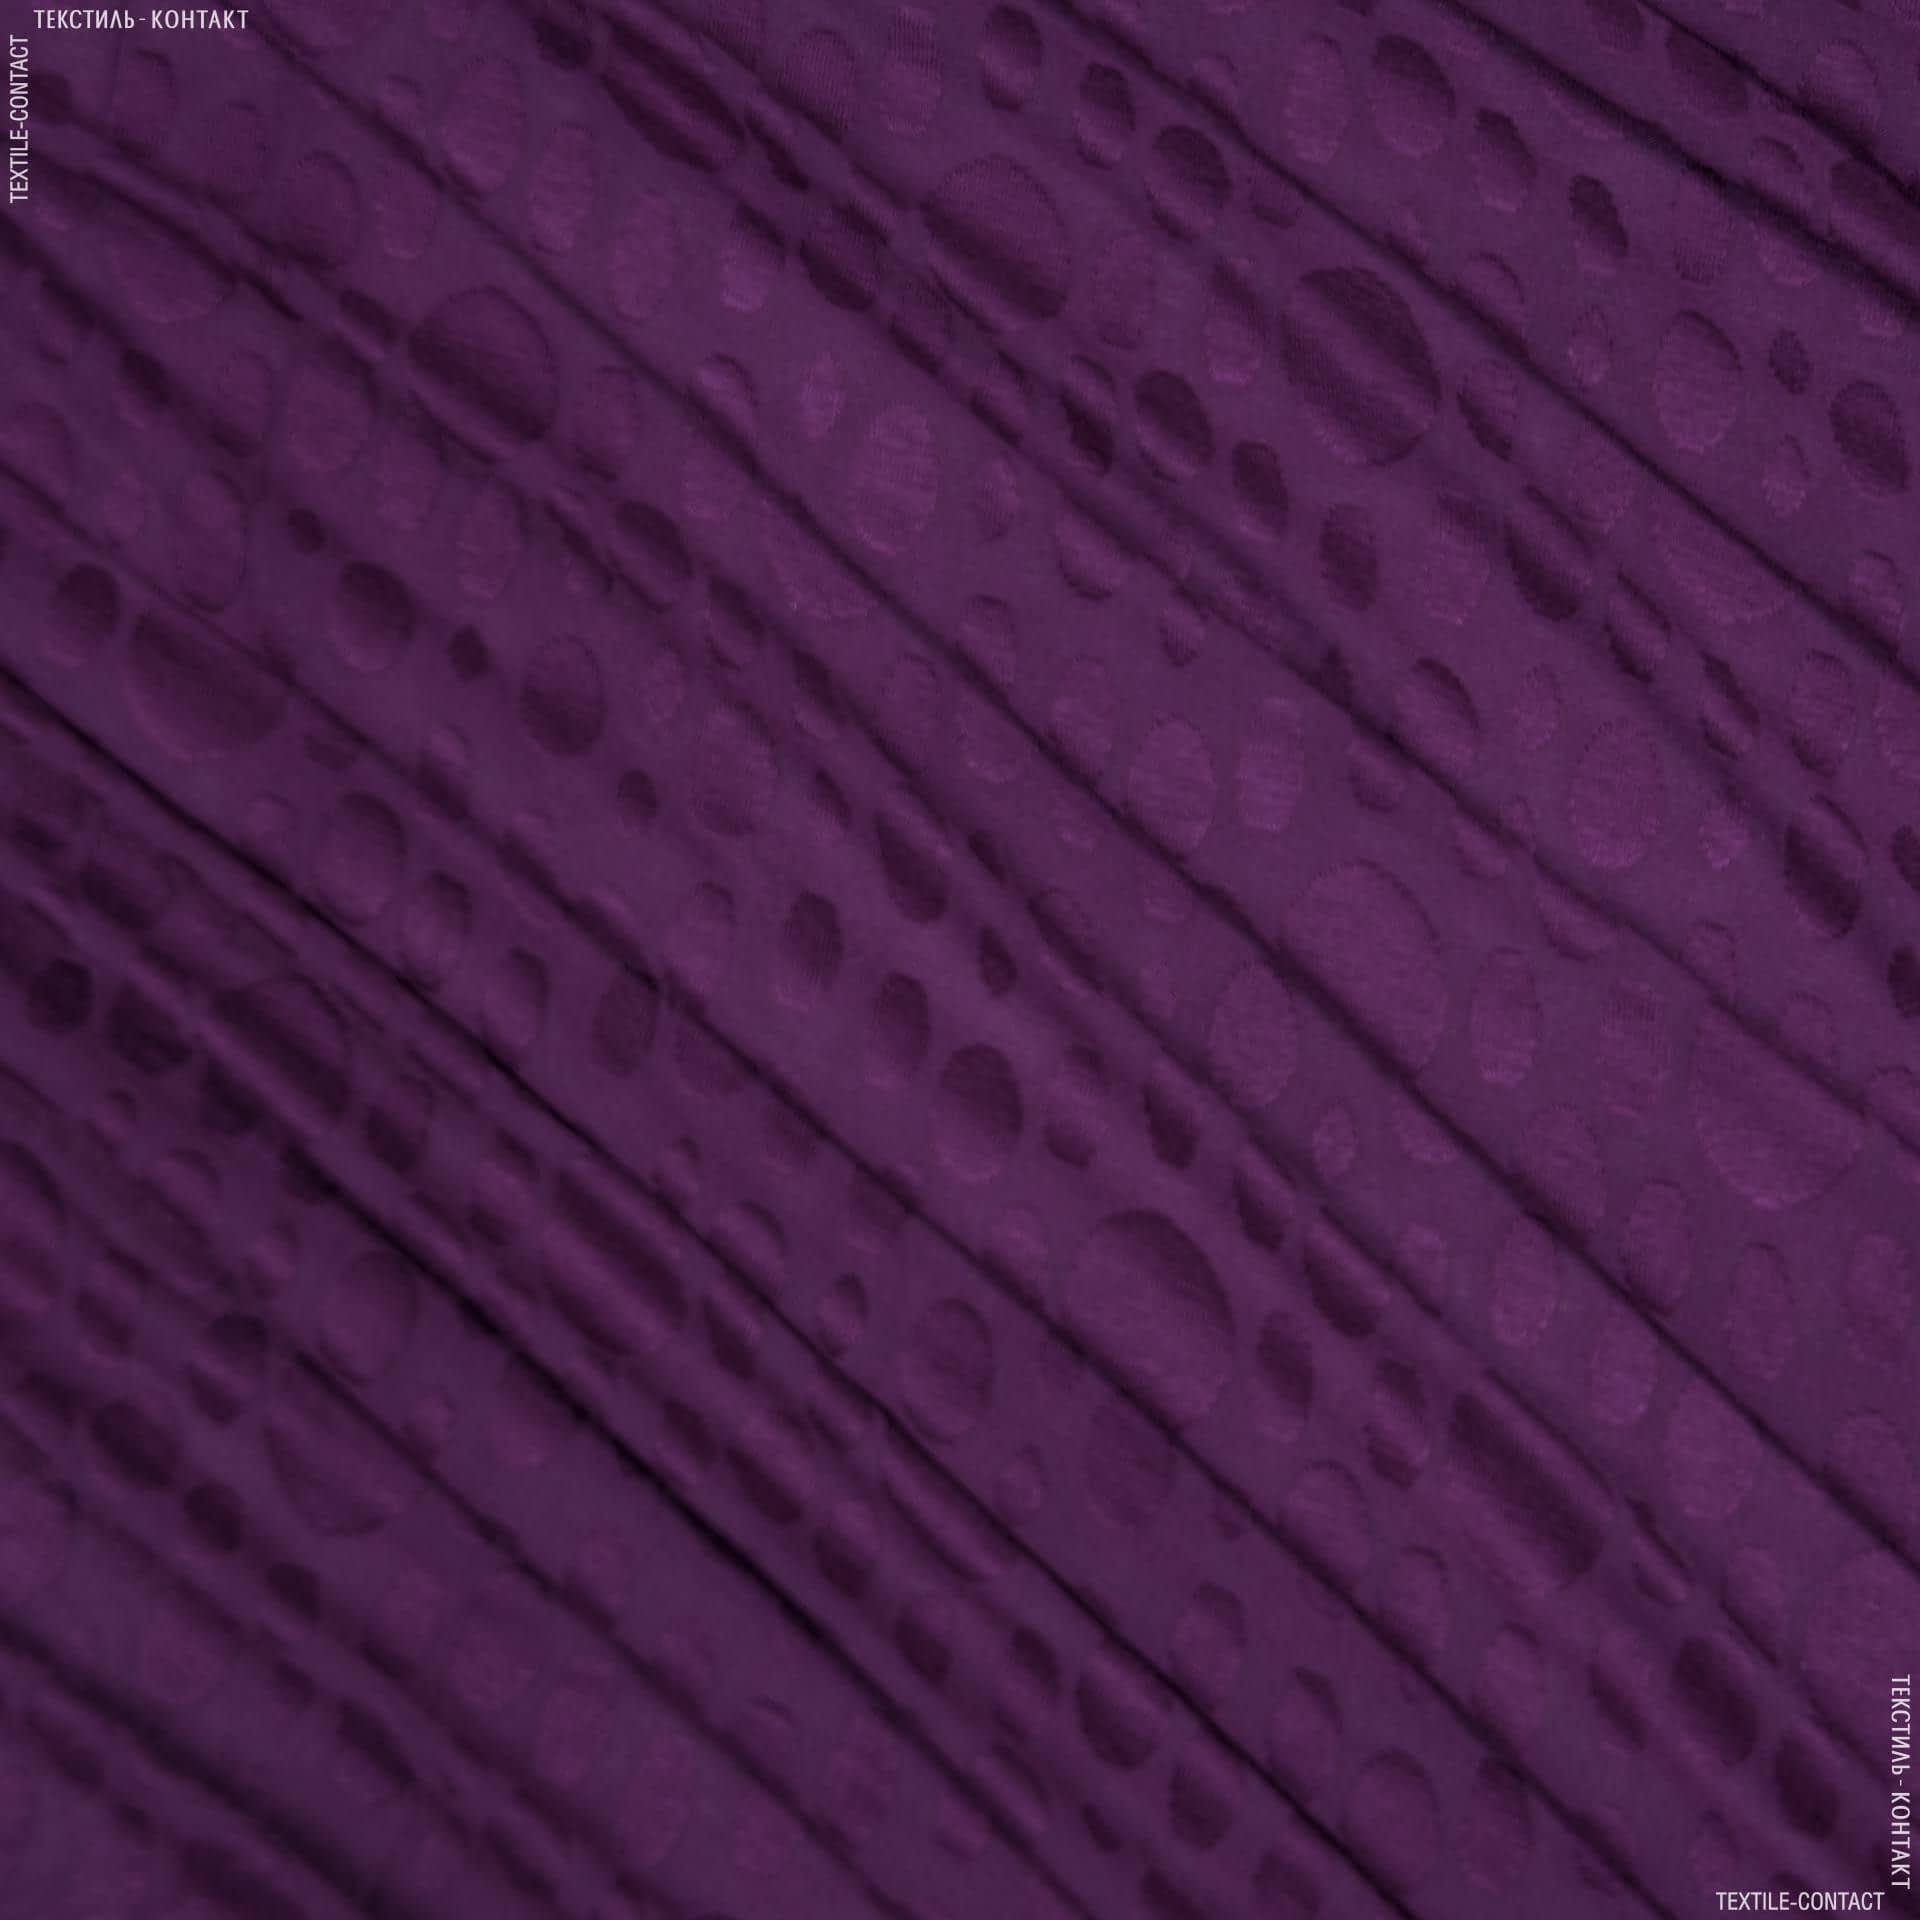 Тканини для костюмів - Трикотаж бордовий